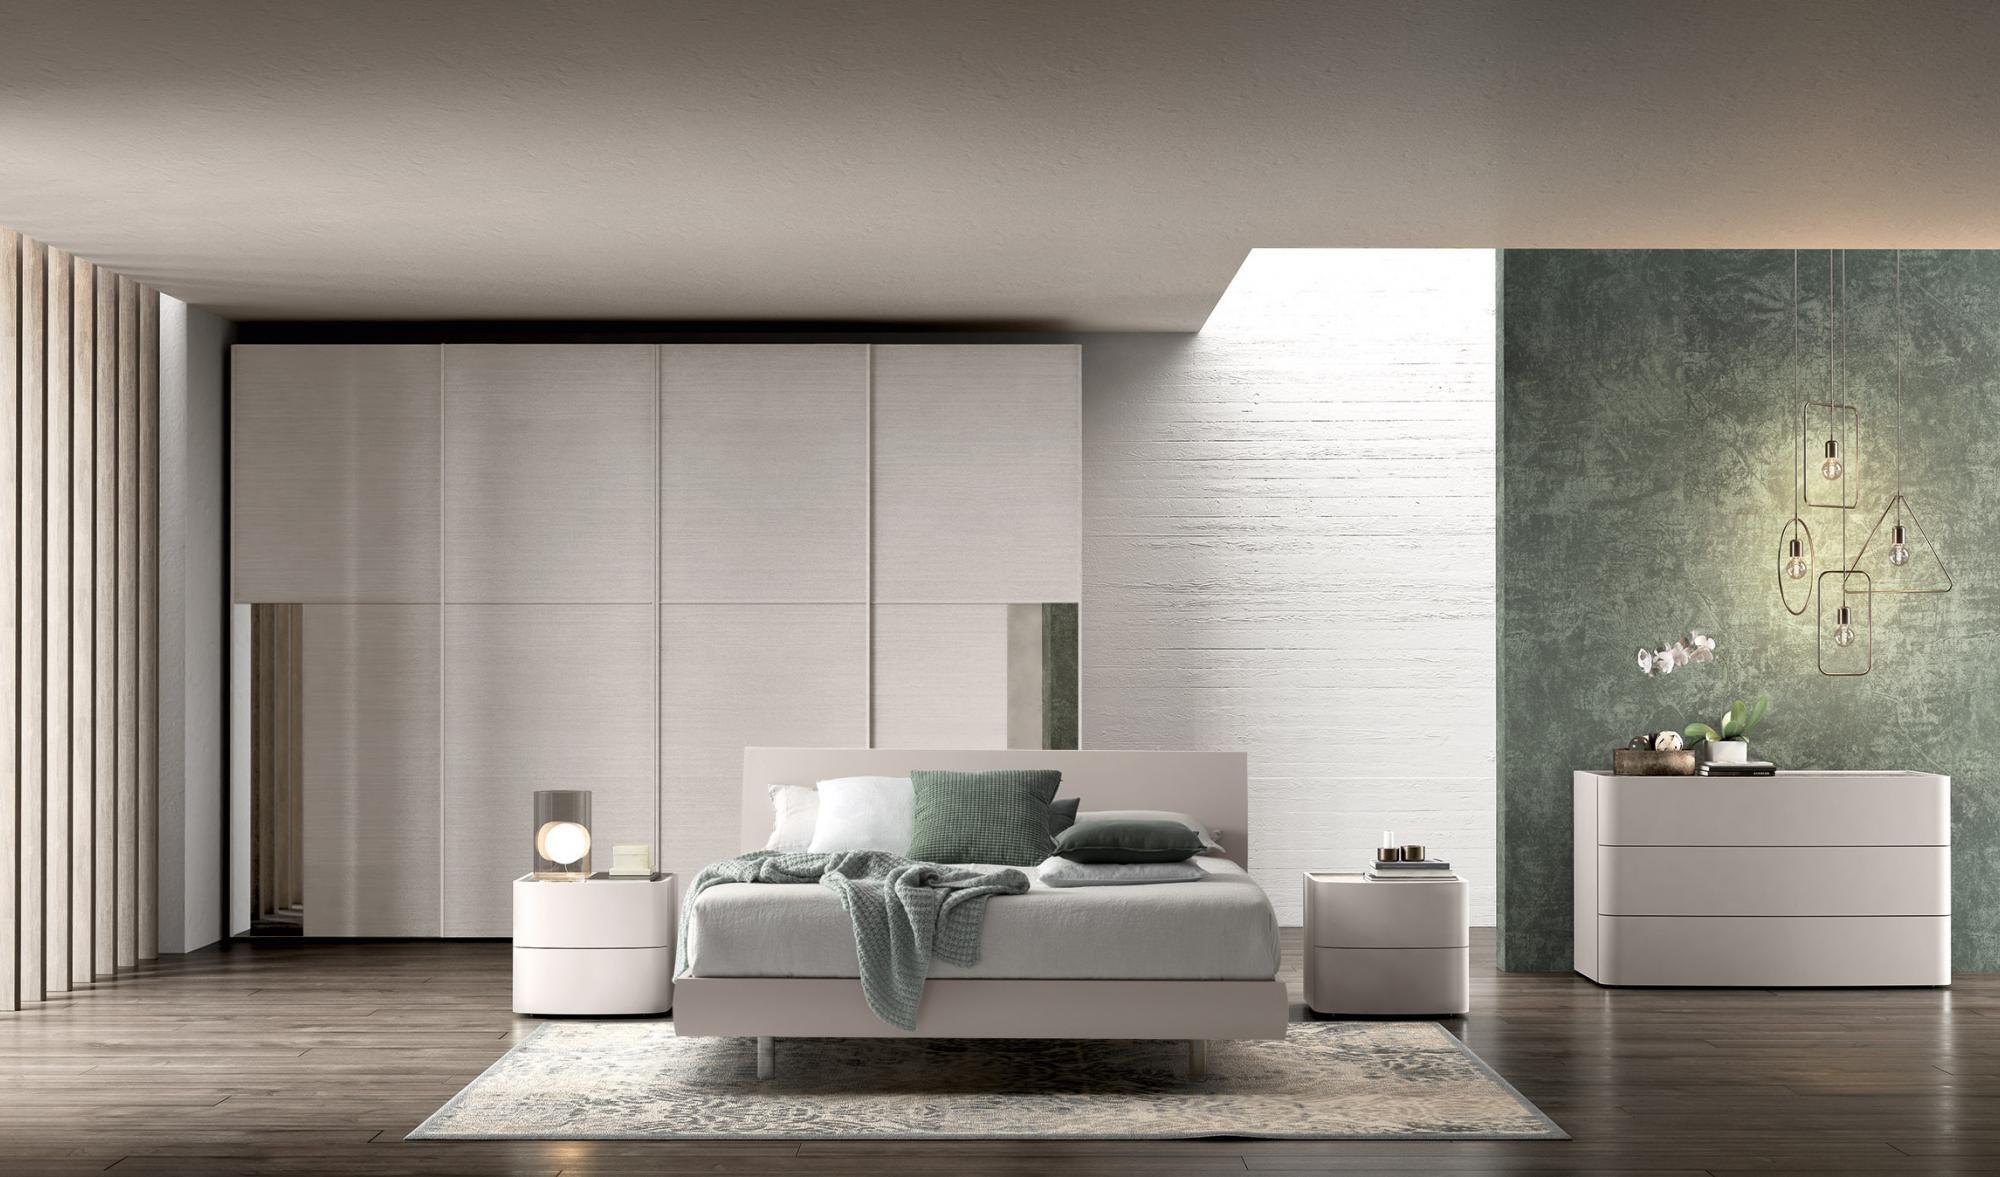 Camere Da Letto Moderne Colombini.Colombini Casa Camere Matrimoniali Vitality Mod Oliver